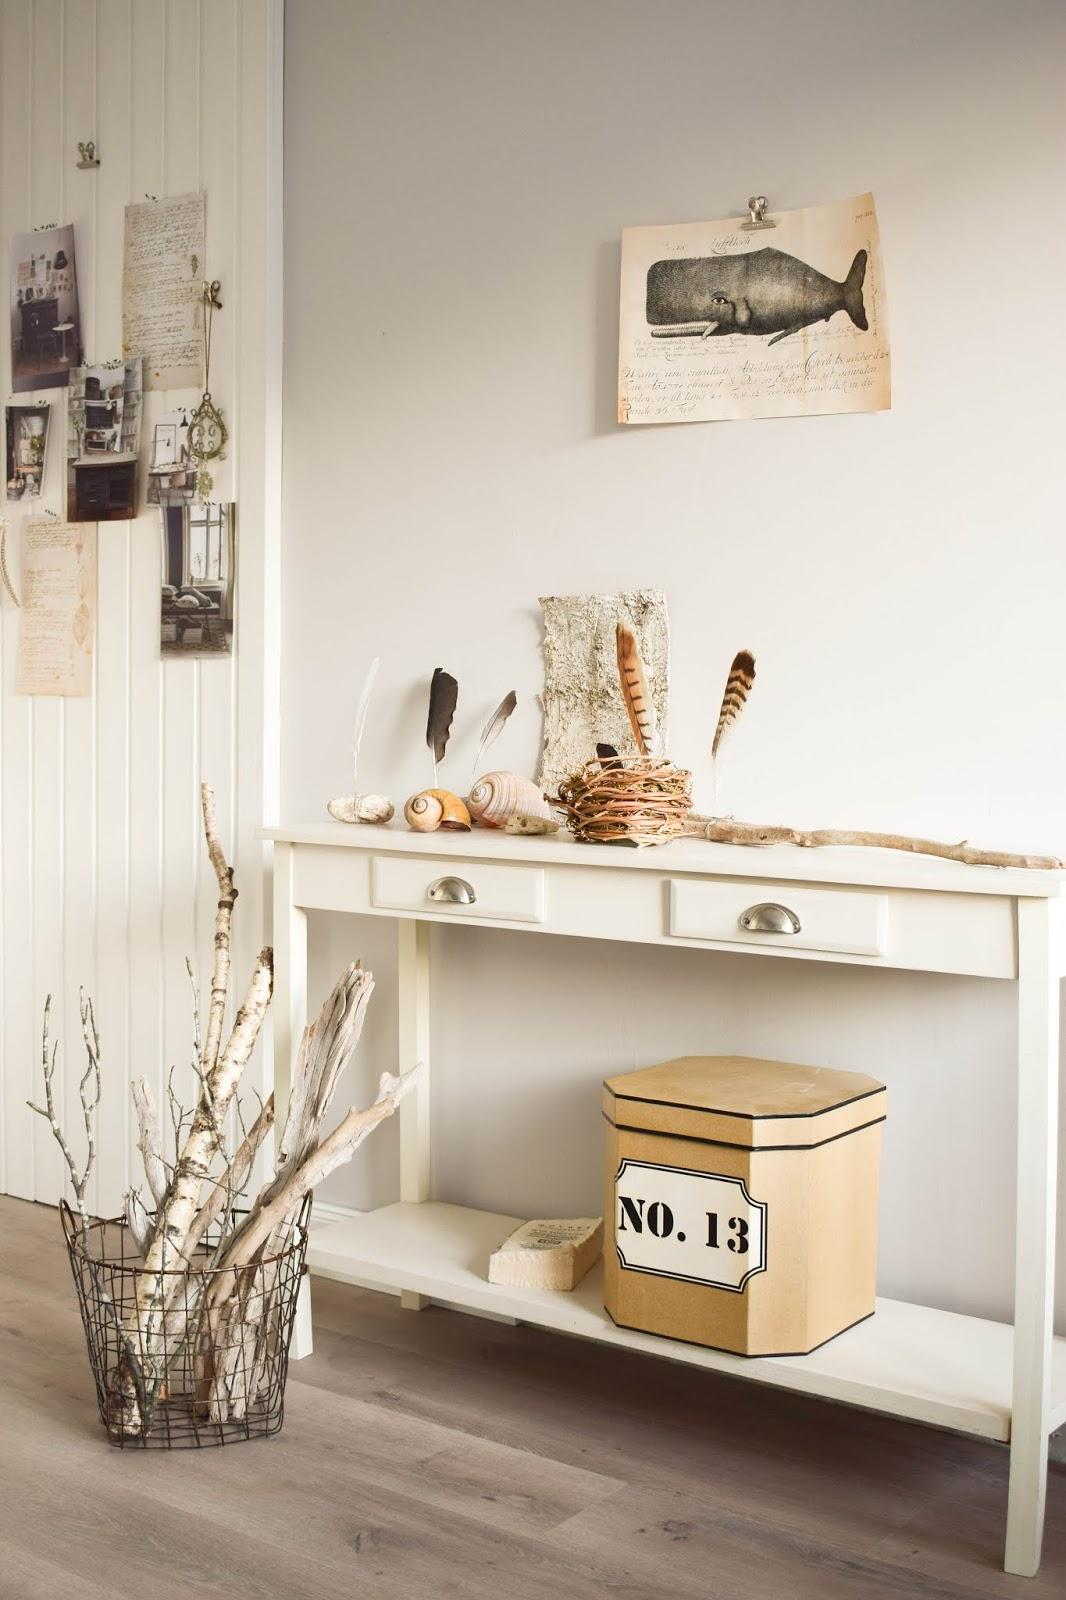 Sideboard Deko weiß mit natürlichen Materialien: Federn, Schneckenhaus und Holz. Dekoidee mit Natur.